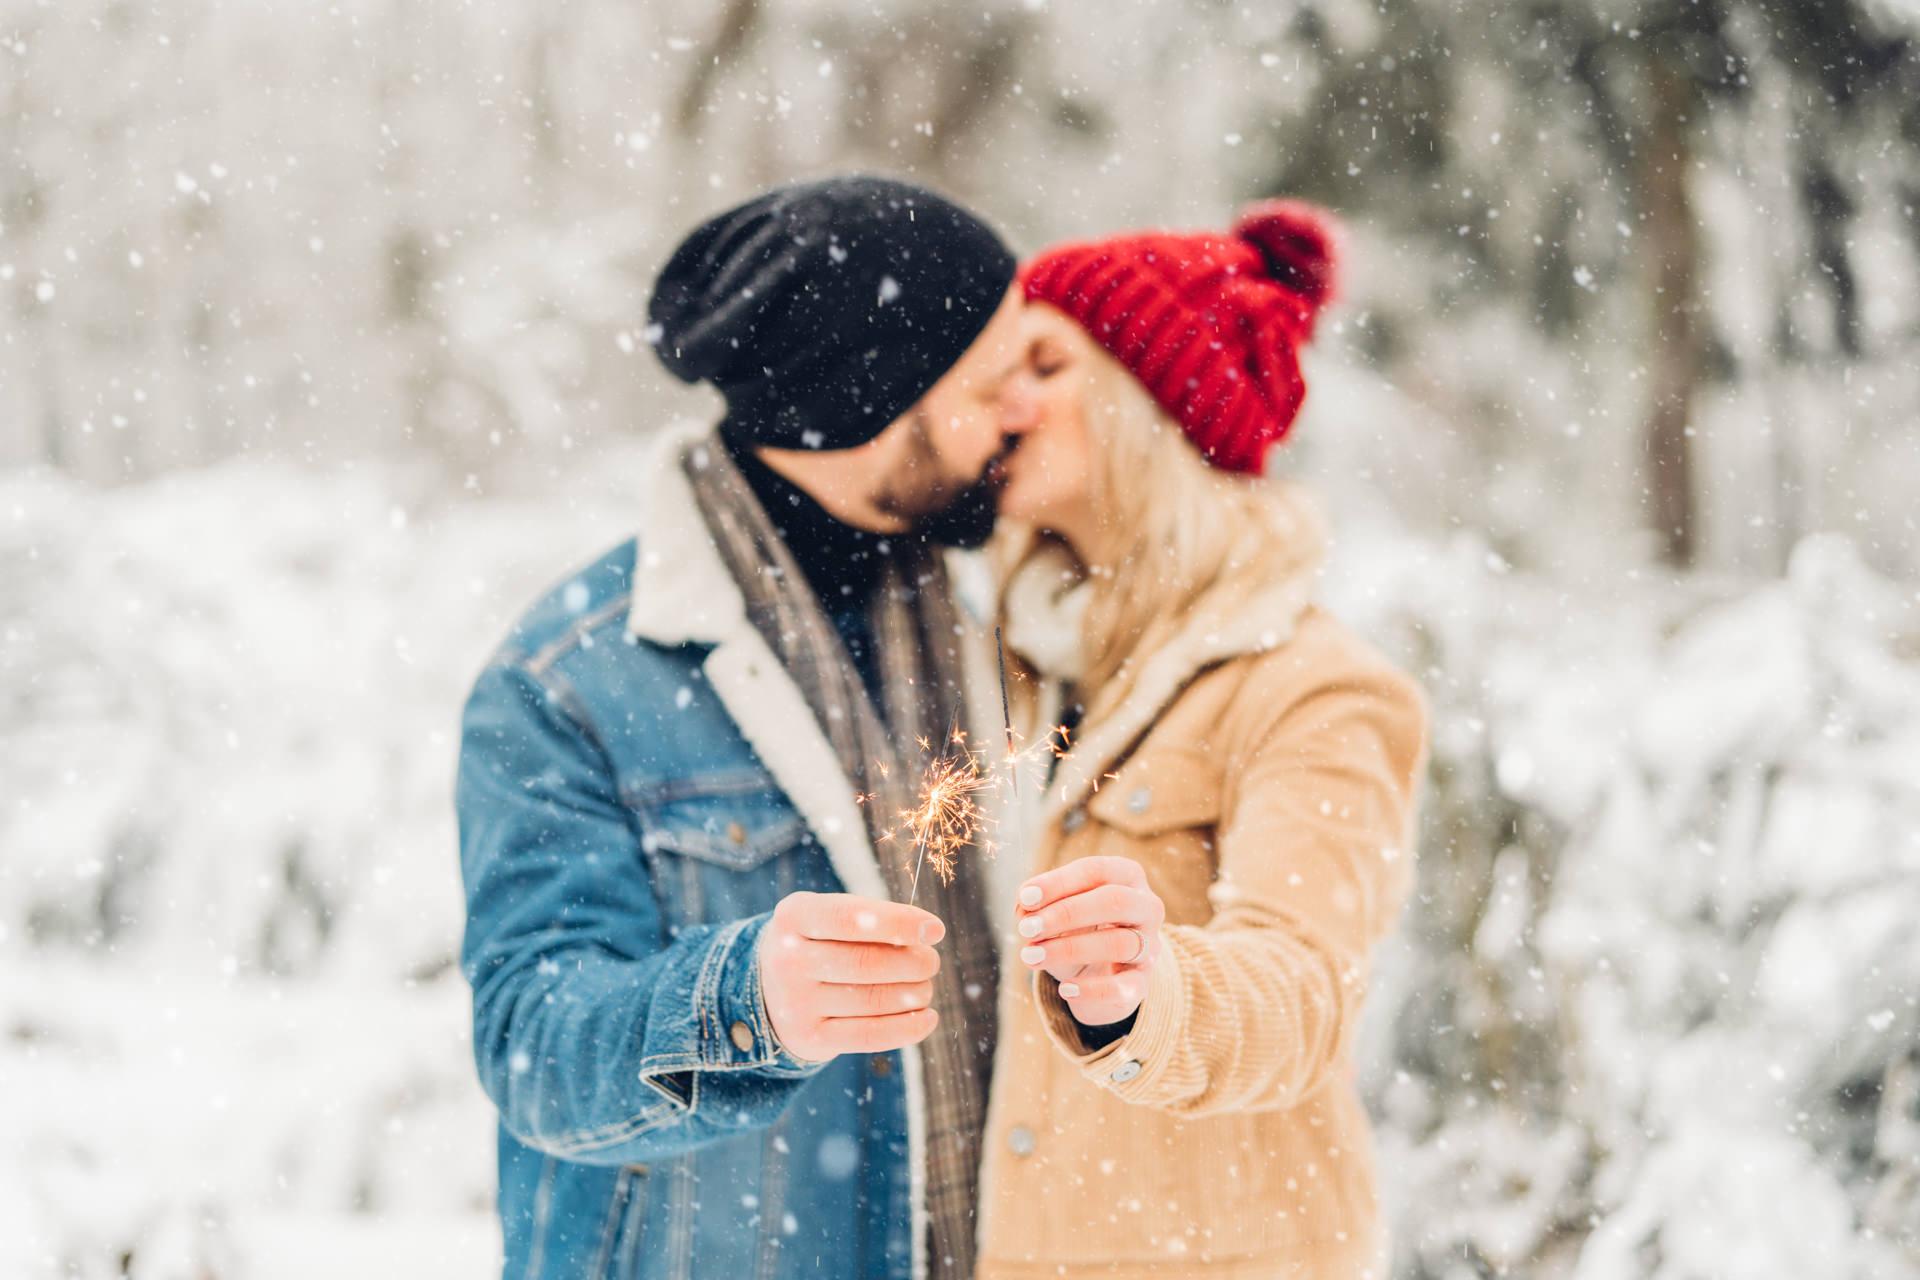 Winterpärchenshooting im Schnee mit Wunderkerzen